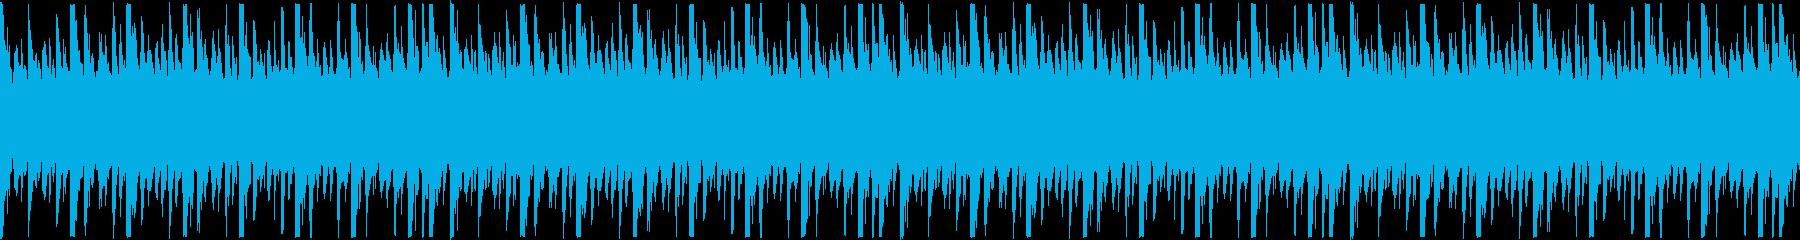 実験・理科をイメージしたシンプルなループの再生済みの波形